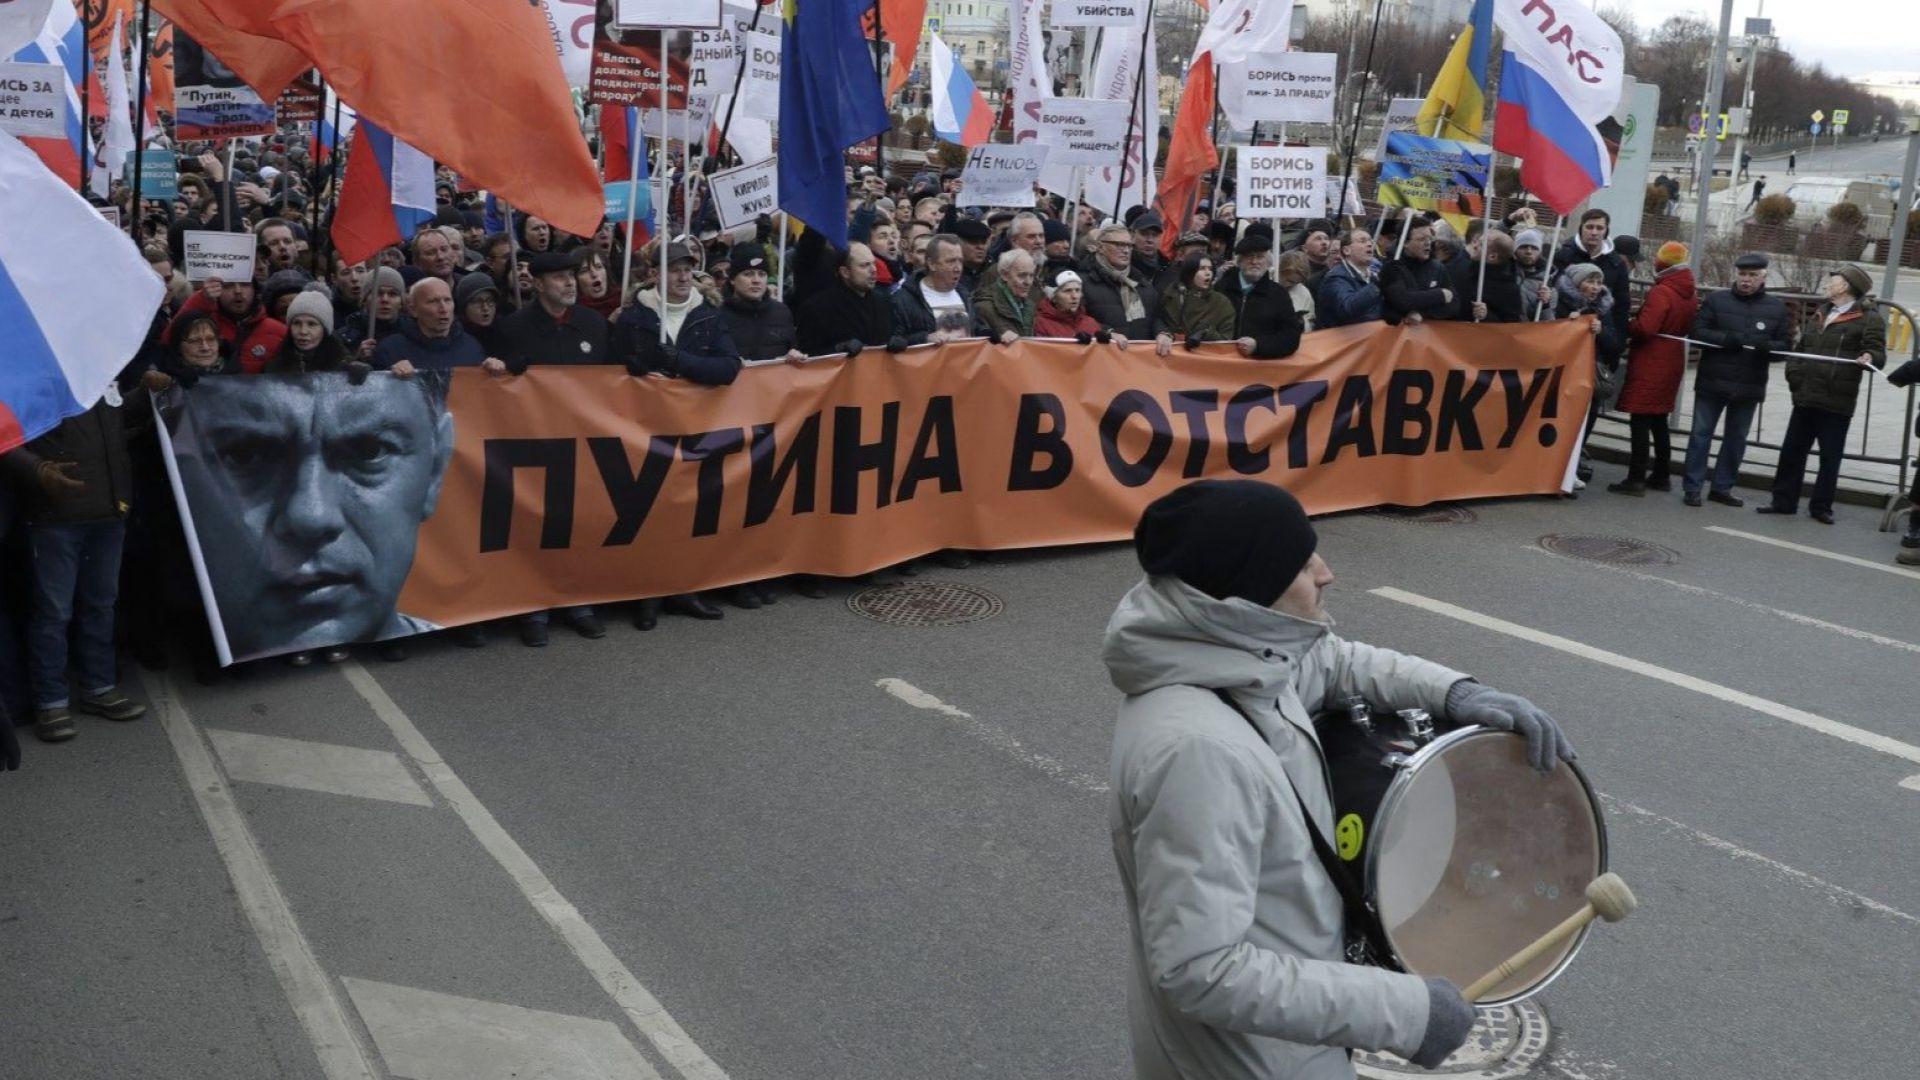 Хиляди руснаци излязоха на улицата и поискаха Русия без Путин